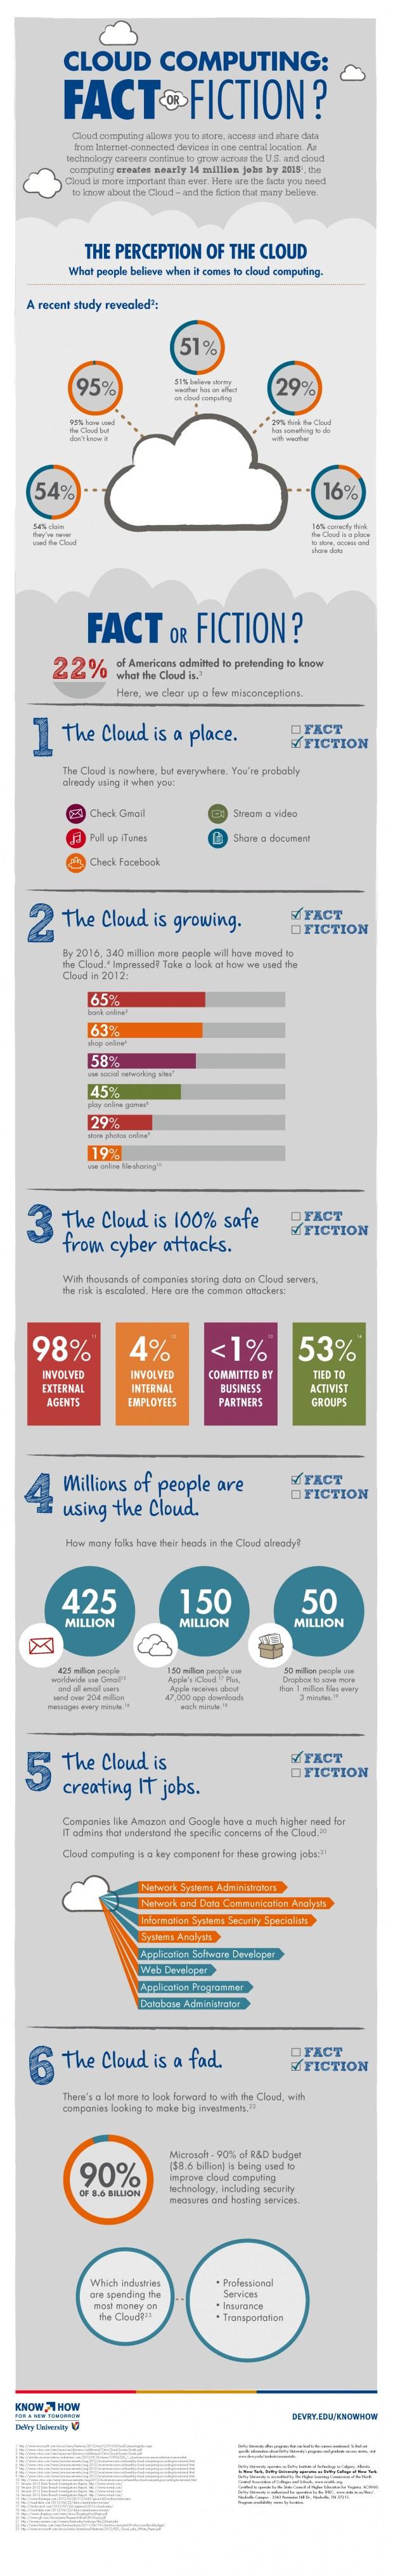 cloud-computing--fact-or-fiction_50e70989a7e6c_w1712